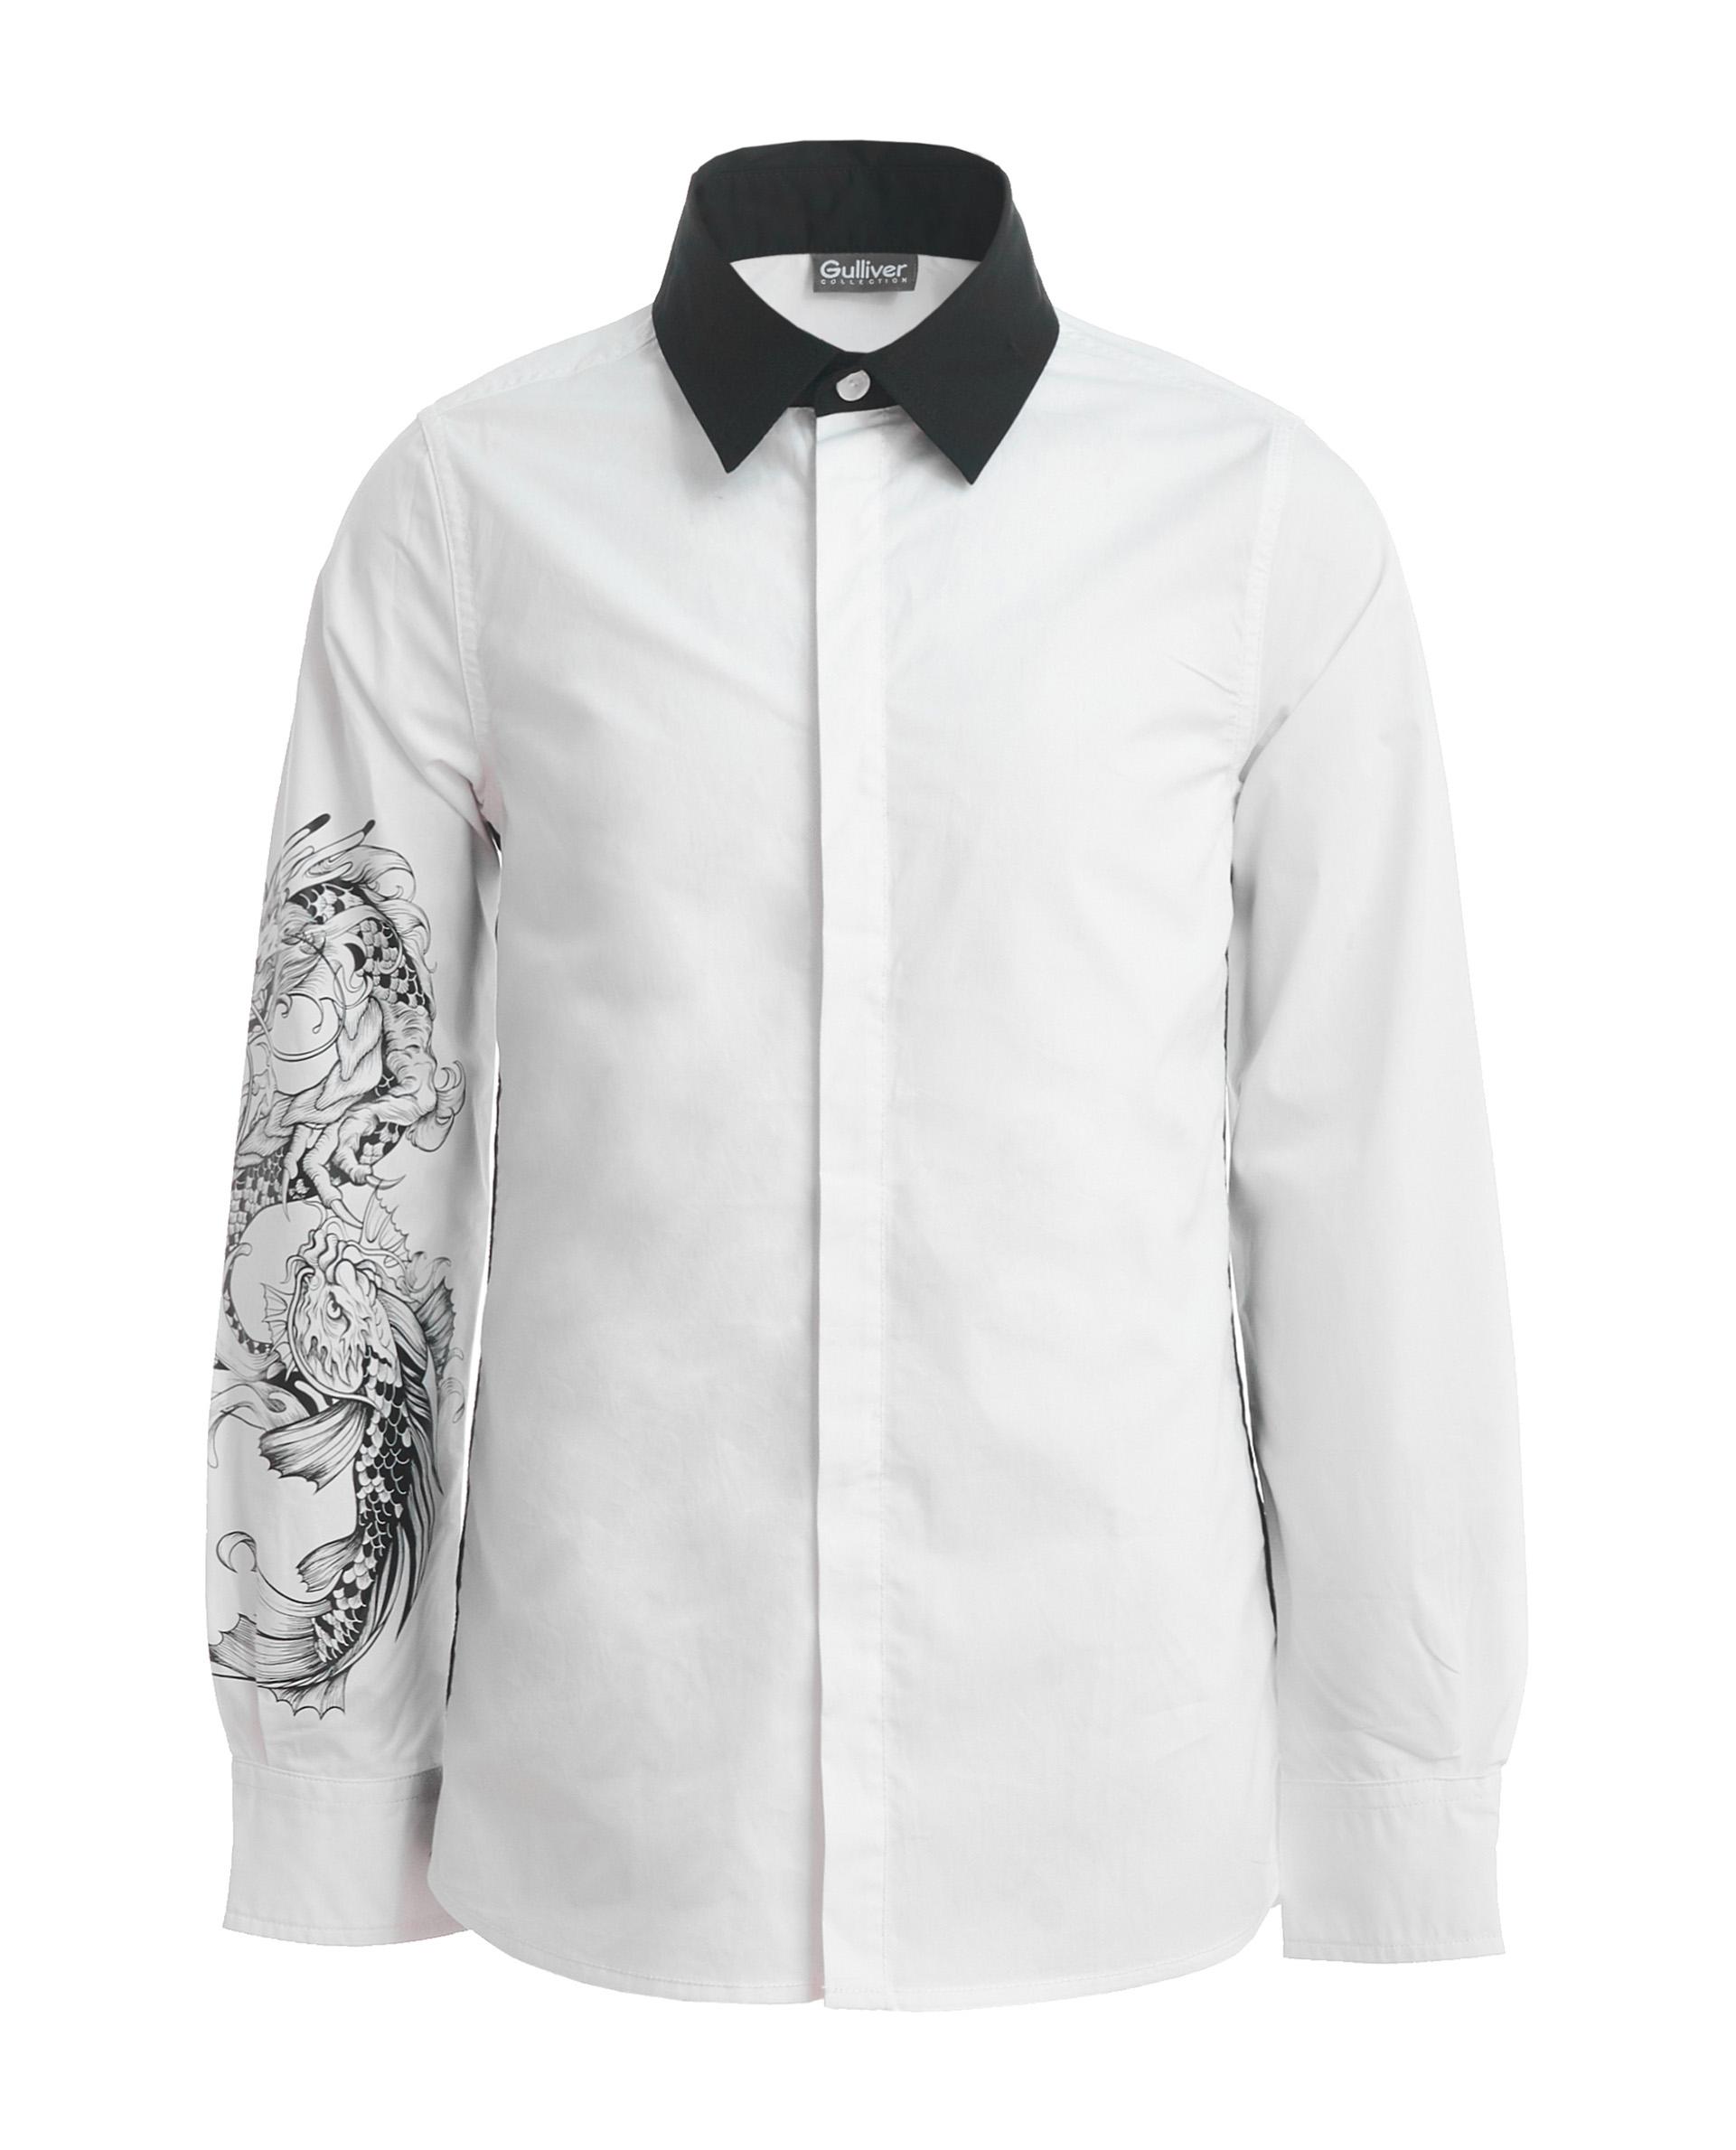 Рубашка для мальчиков Gulliver, цв. белый, р.134 фото